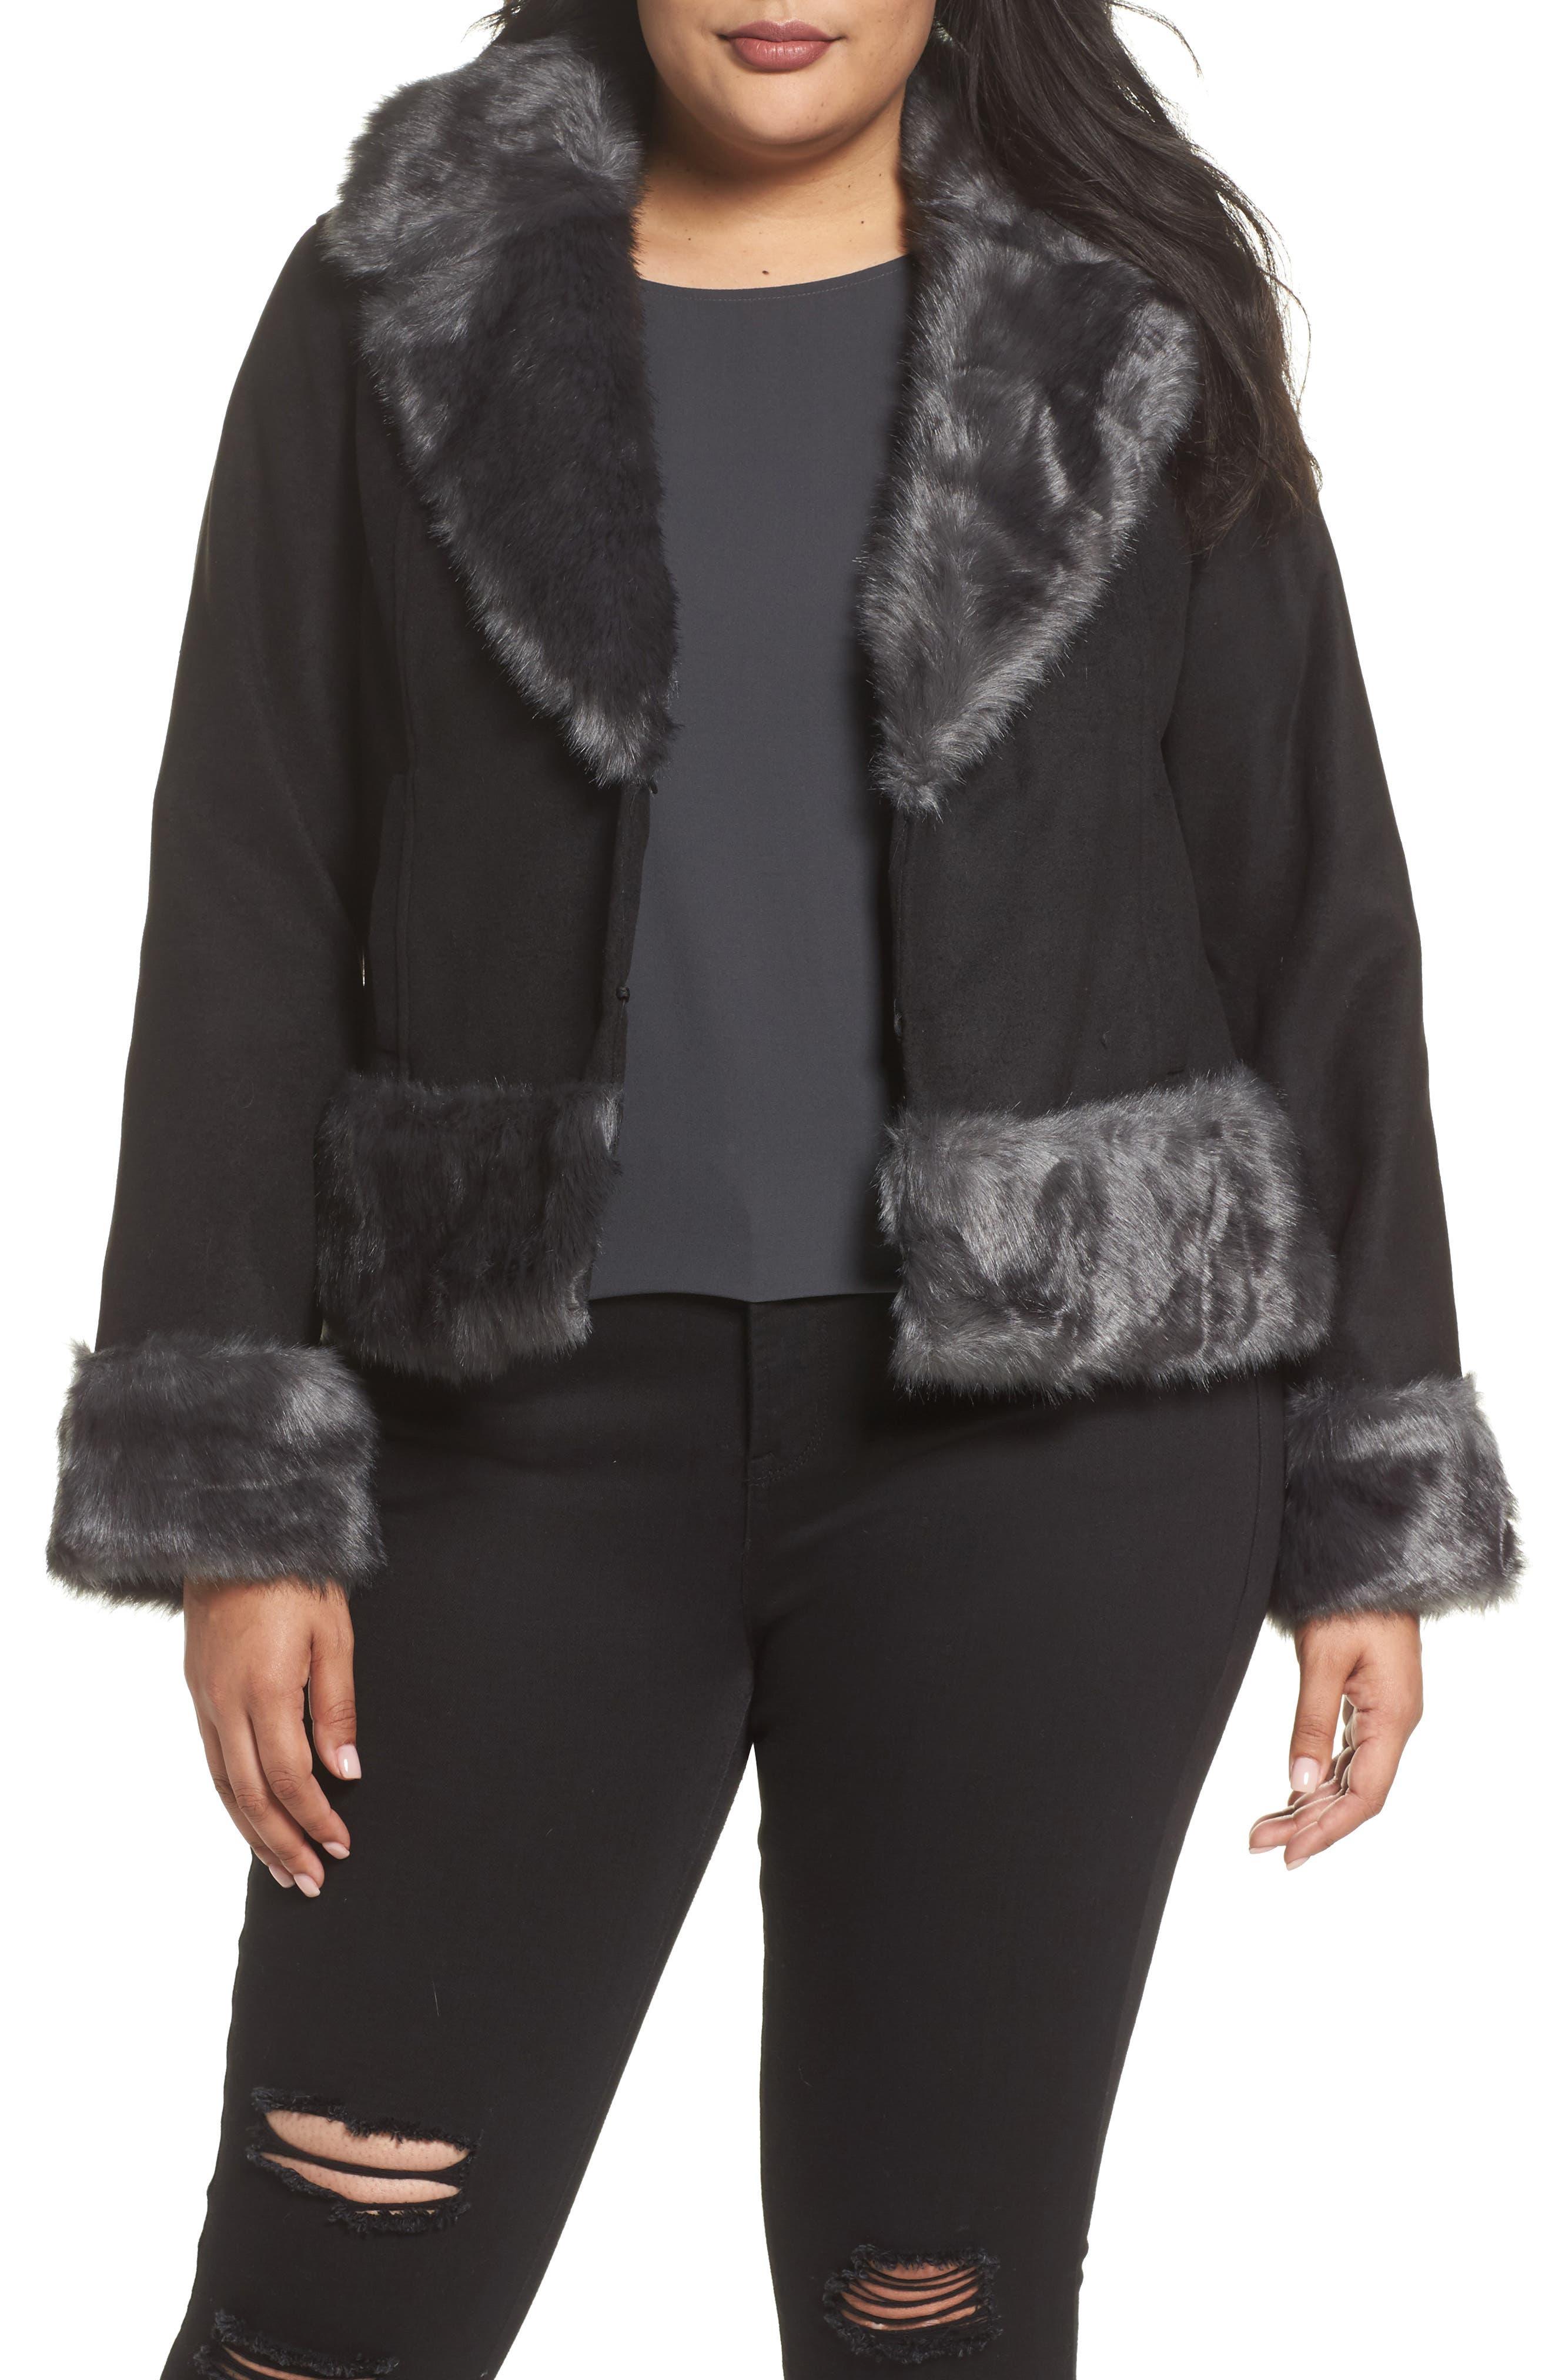 Jacket with Faux Fur Trim,                             Main thumbnail 1, color,                             Black